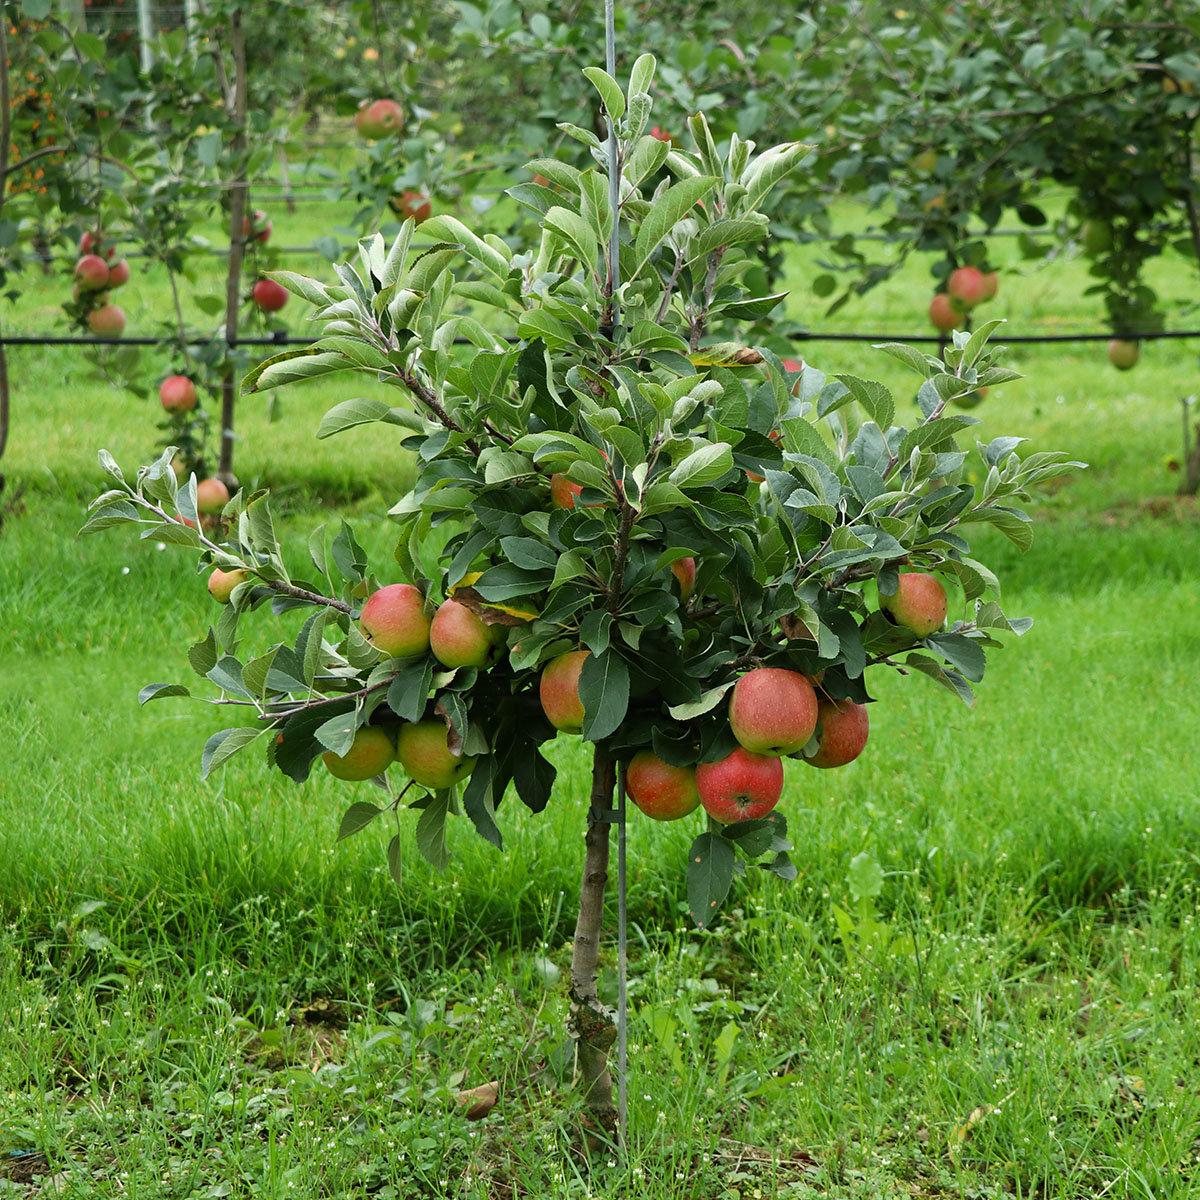 zwerg apfelbaum lowfruit maloni gullivers online kaufen bei g rtner p tschke. Black Bedroom Furniture Sets. Home Design Ideas